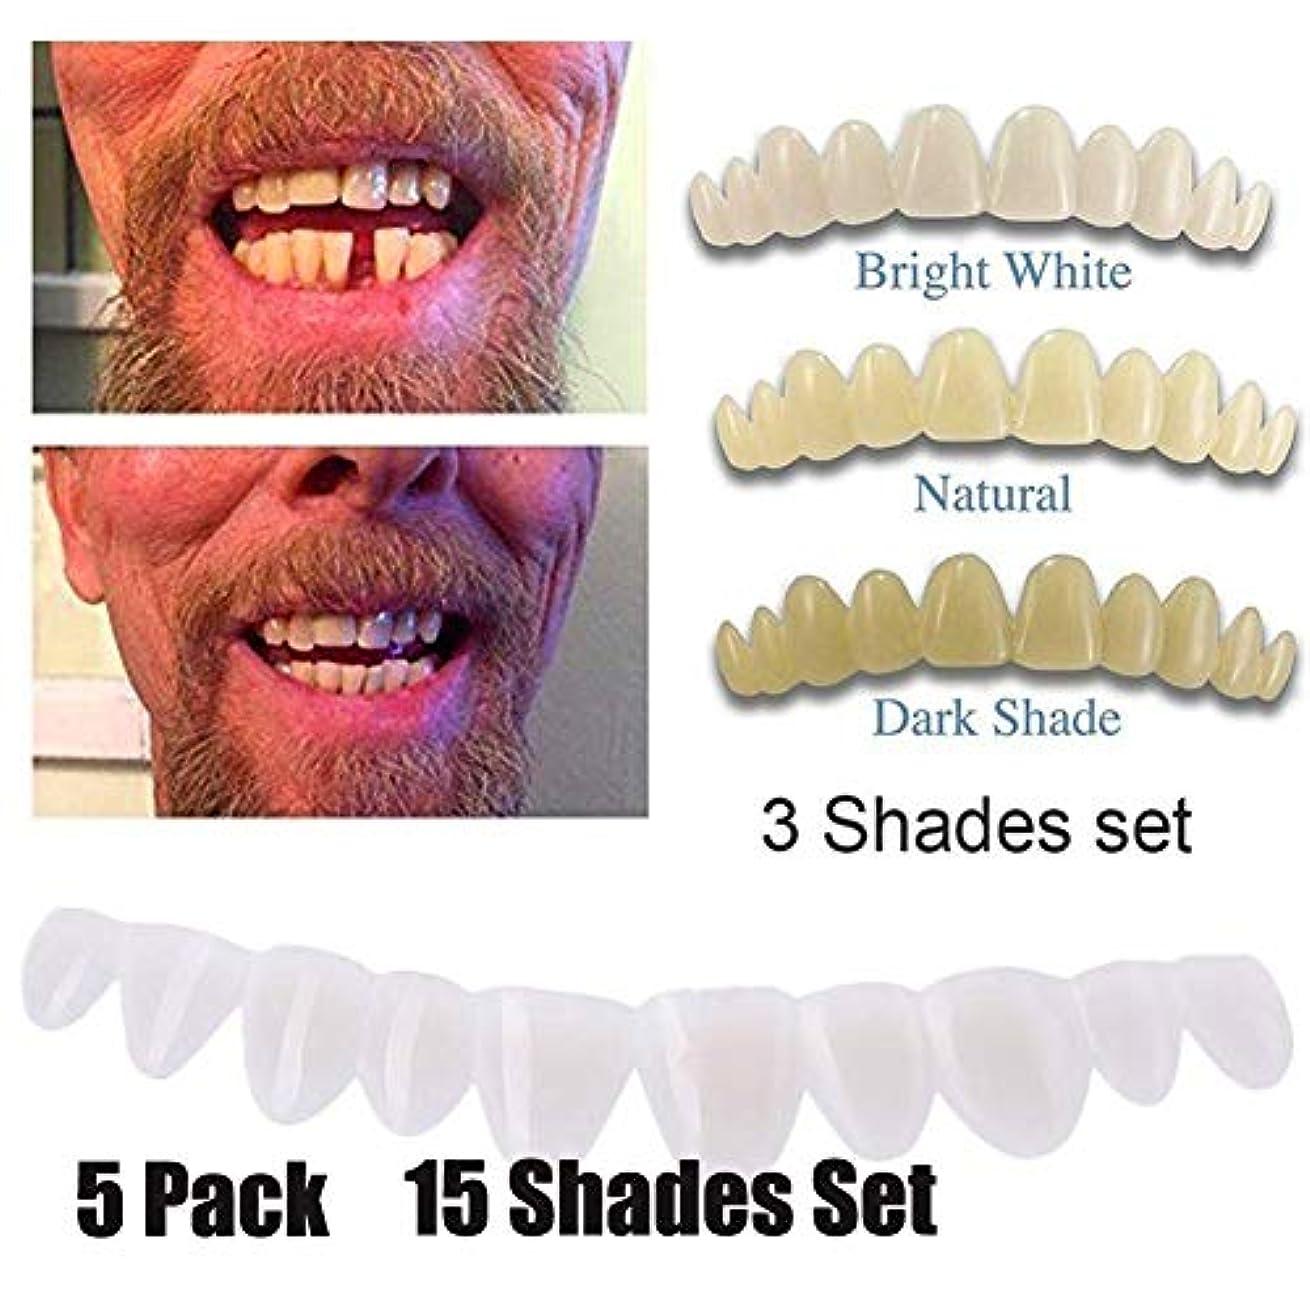 品死傷者科学者5パックインスタントスマイルテンポラリートゥースキット3色付き欠けているか壊れている歯の修正が数分以内にあなたの笑顔を直します